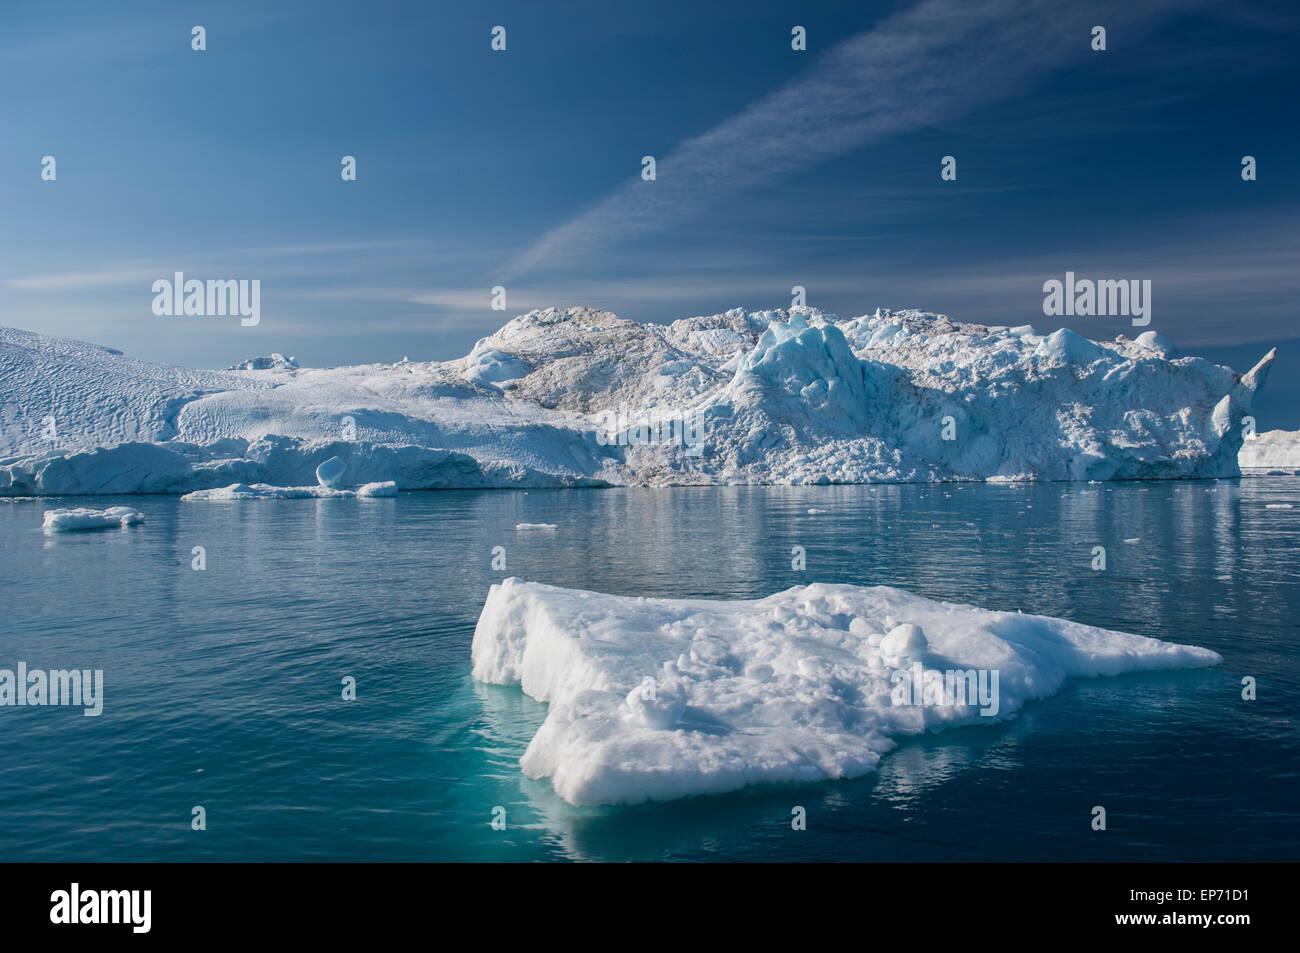 Iceberg gigante di disko bay vicino illulisat, Groenlandia, una popolare destinazione di crociera Foto Stock